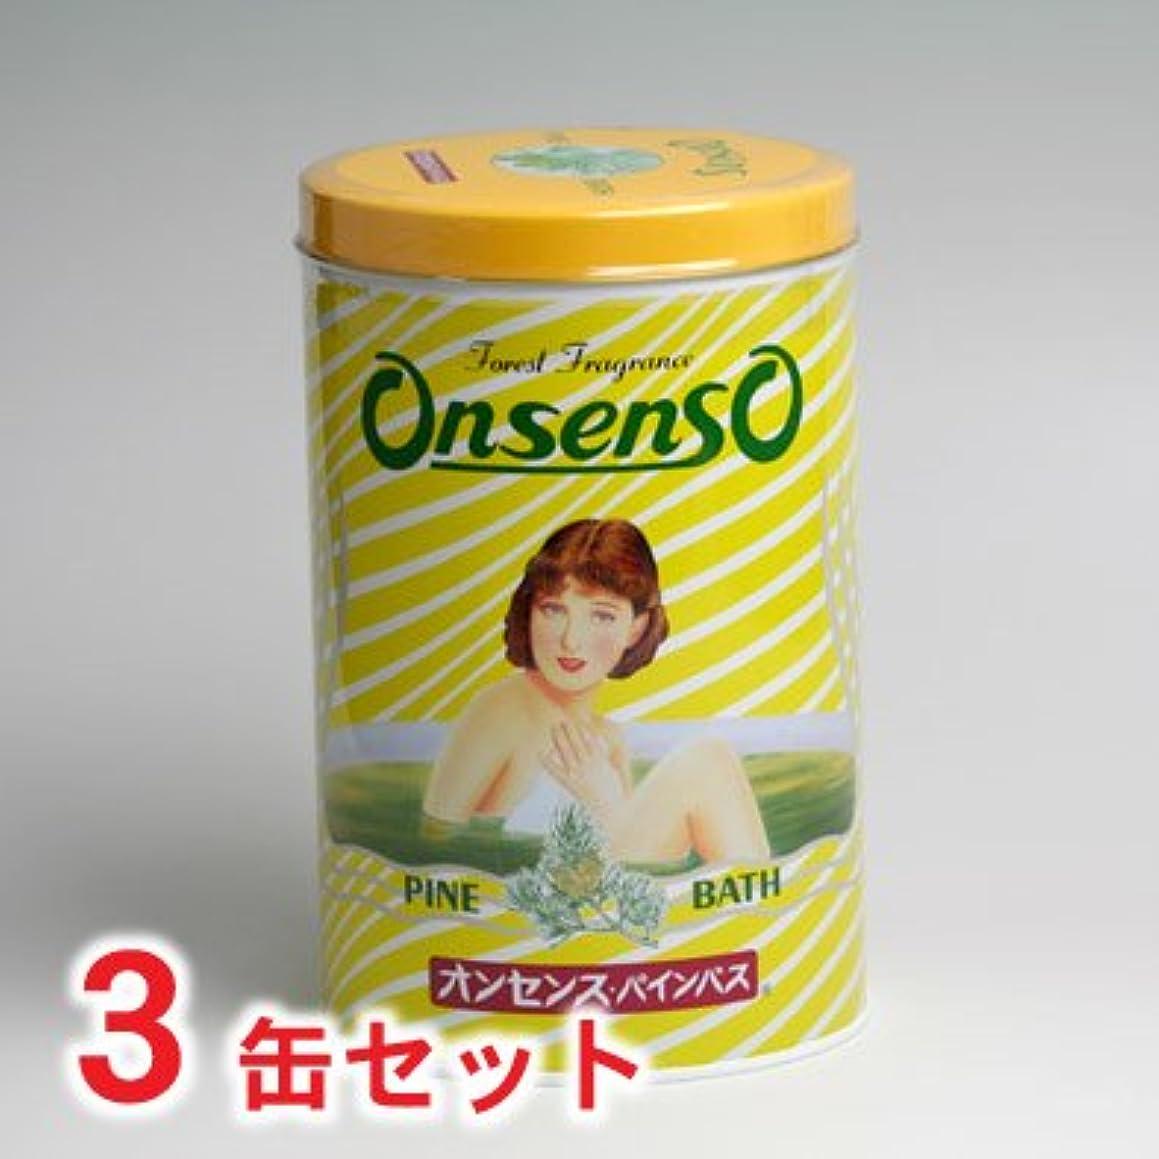 価値行為考慮オンセンス パインバス 【3缶セット】